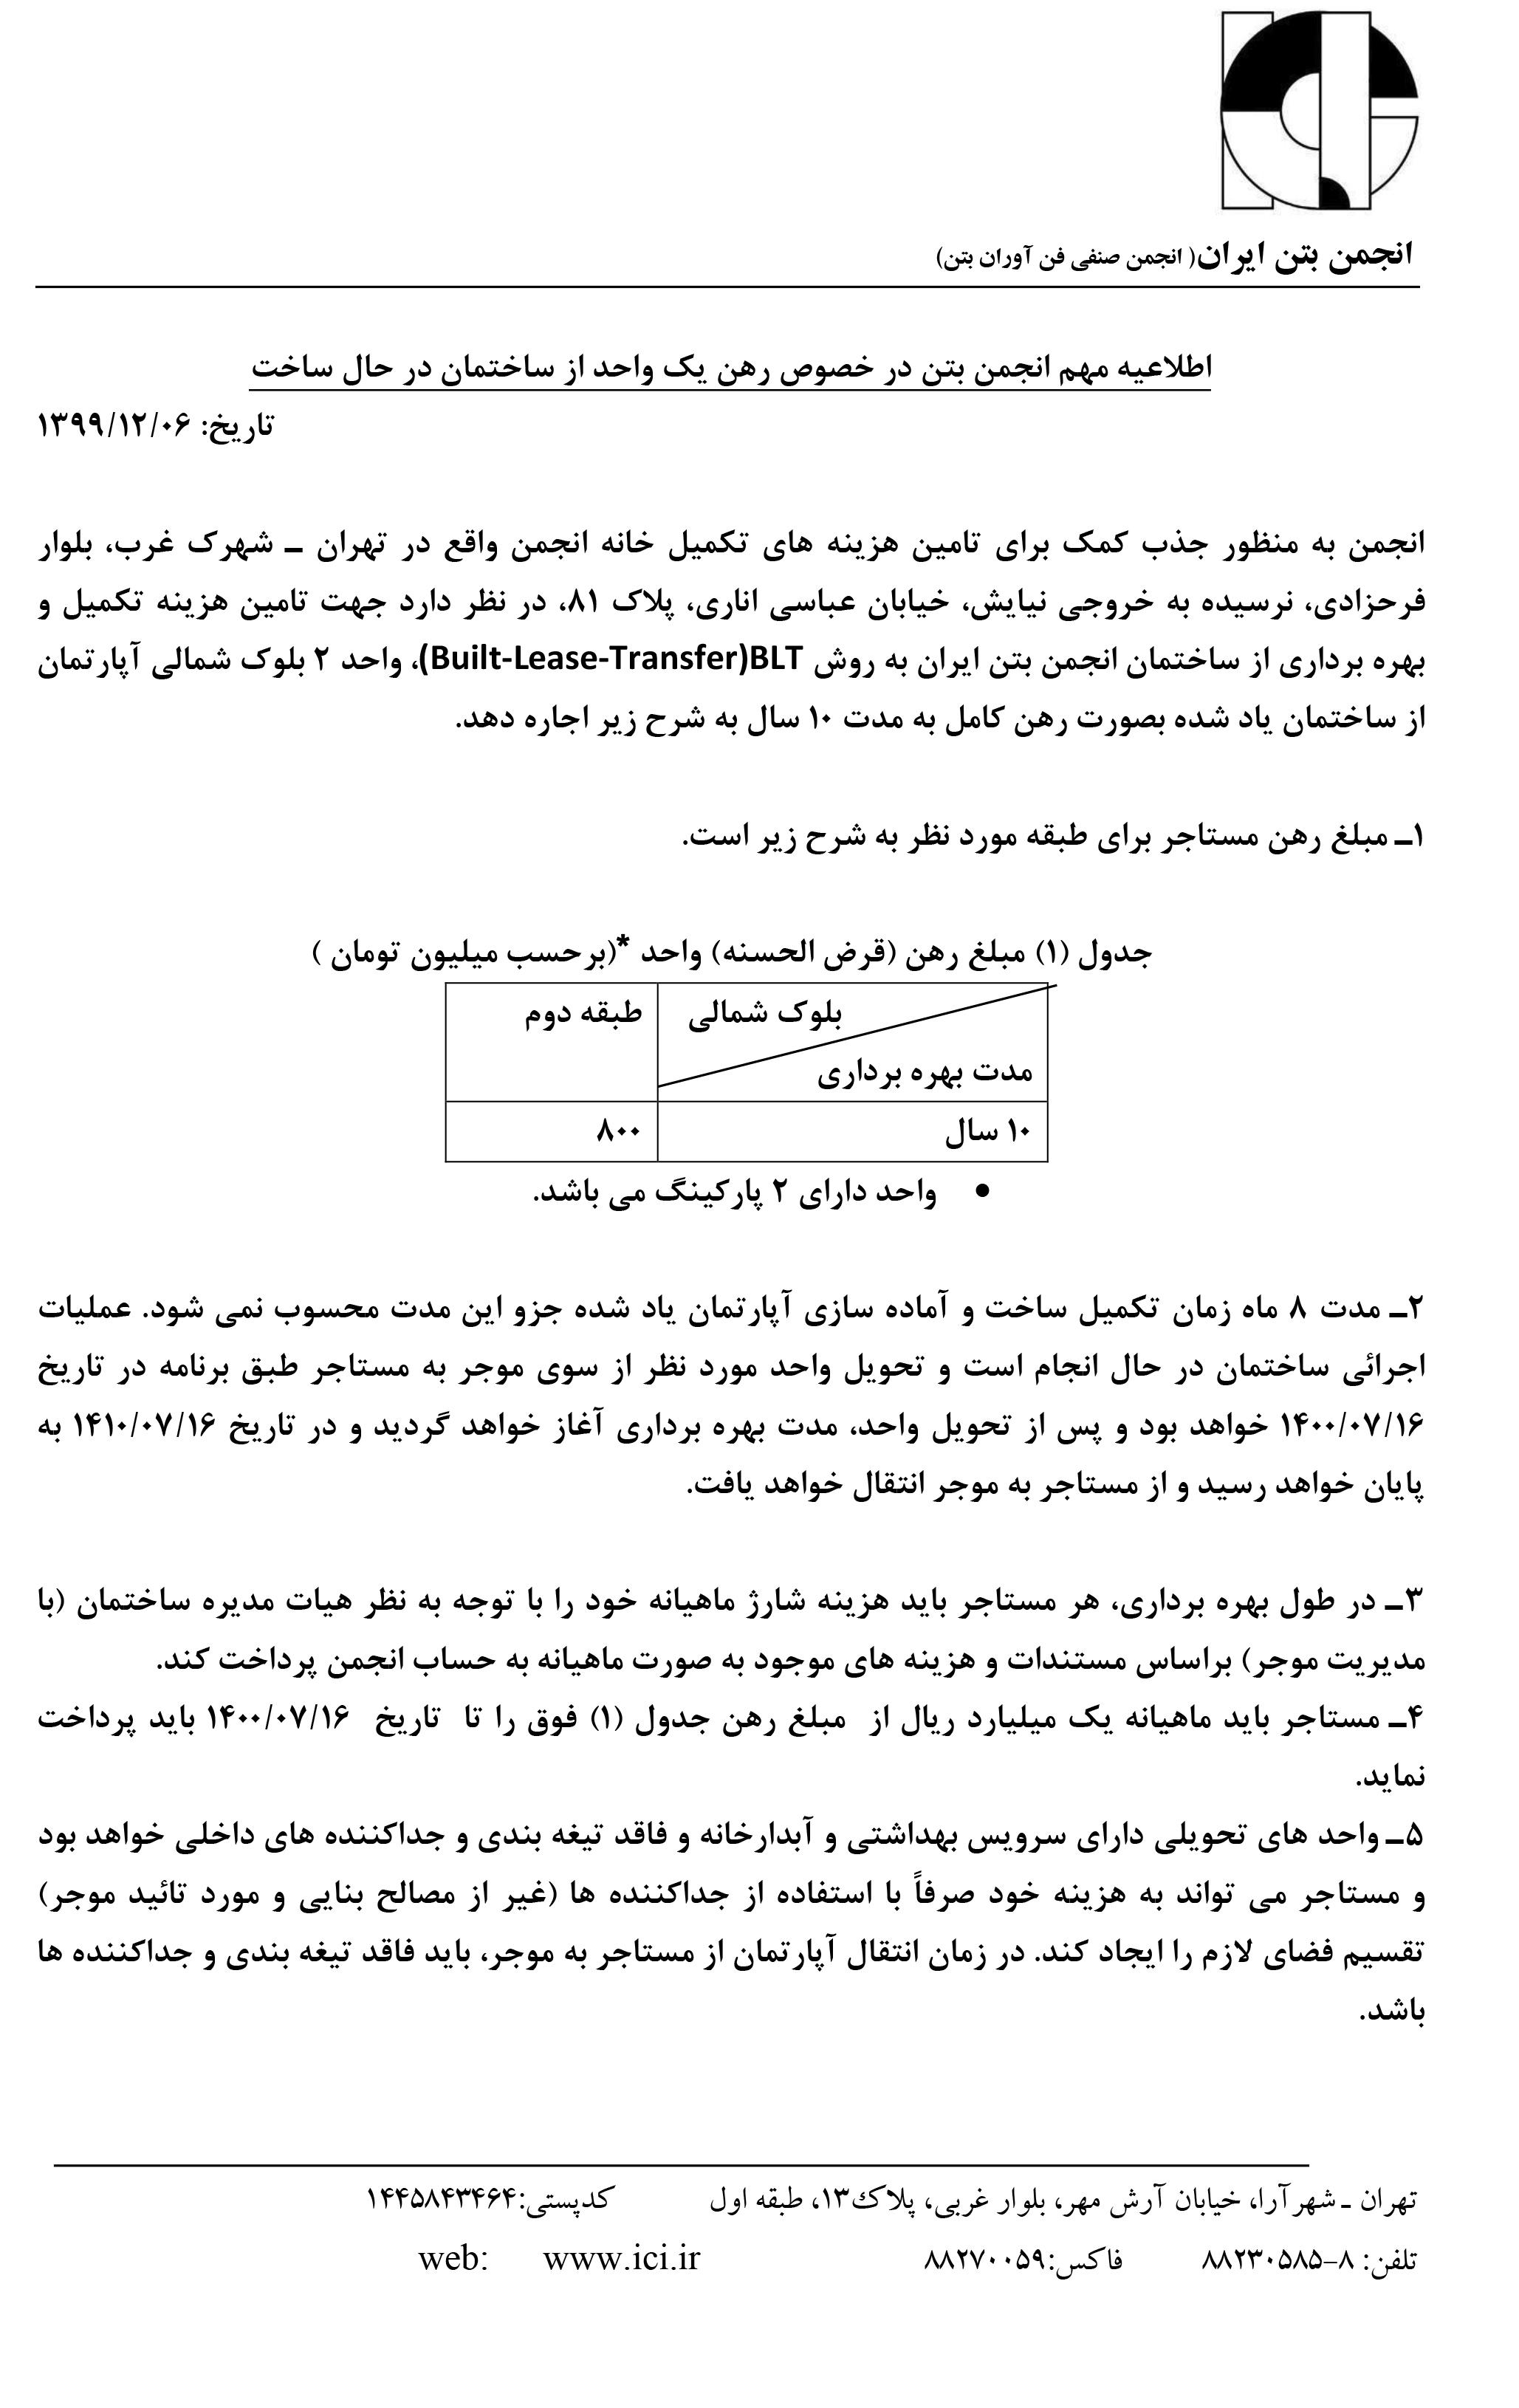 انجمن بتن ایران یک واحد از ساختمان در حال ساخت خود را به مدت 10 سال رهن می دهد